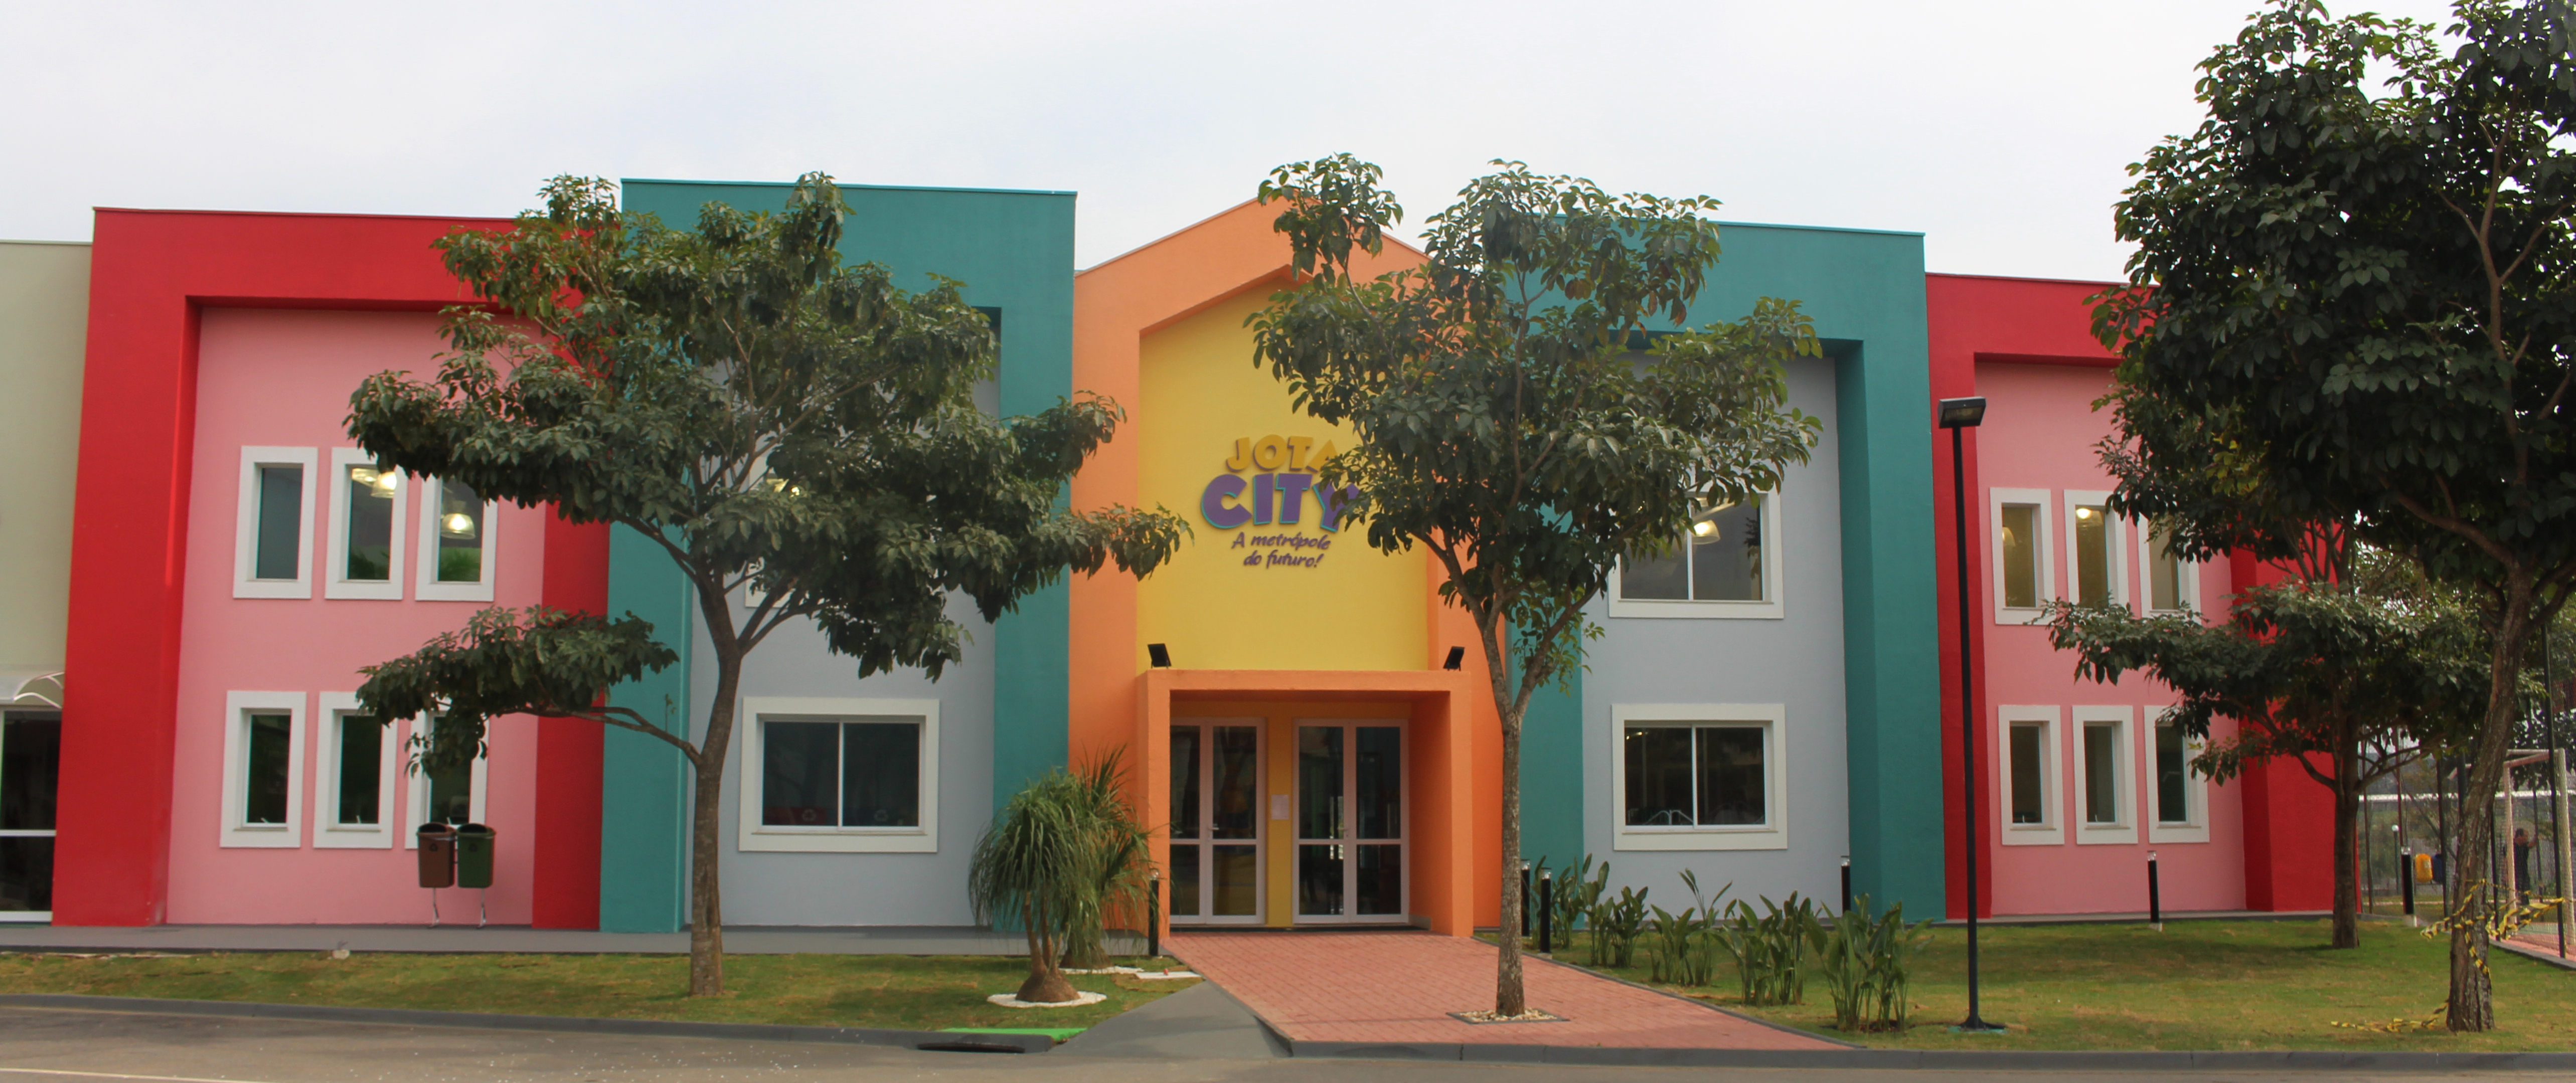 Fachada da Jota City (Revista Embarque)